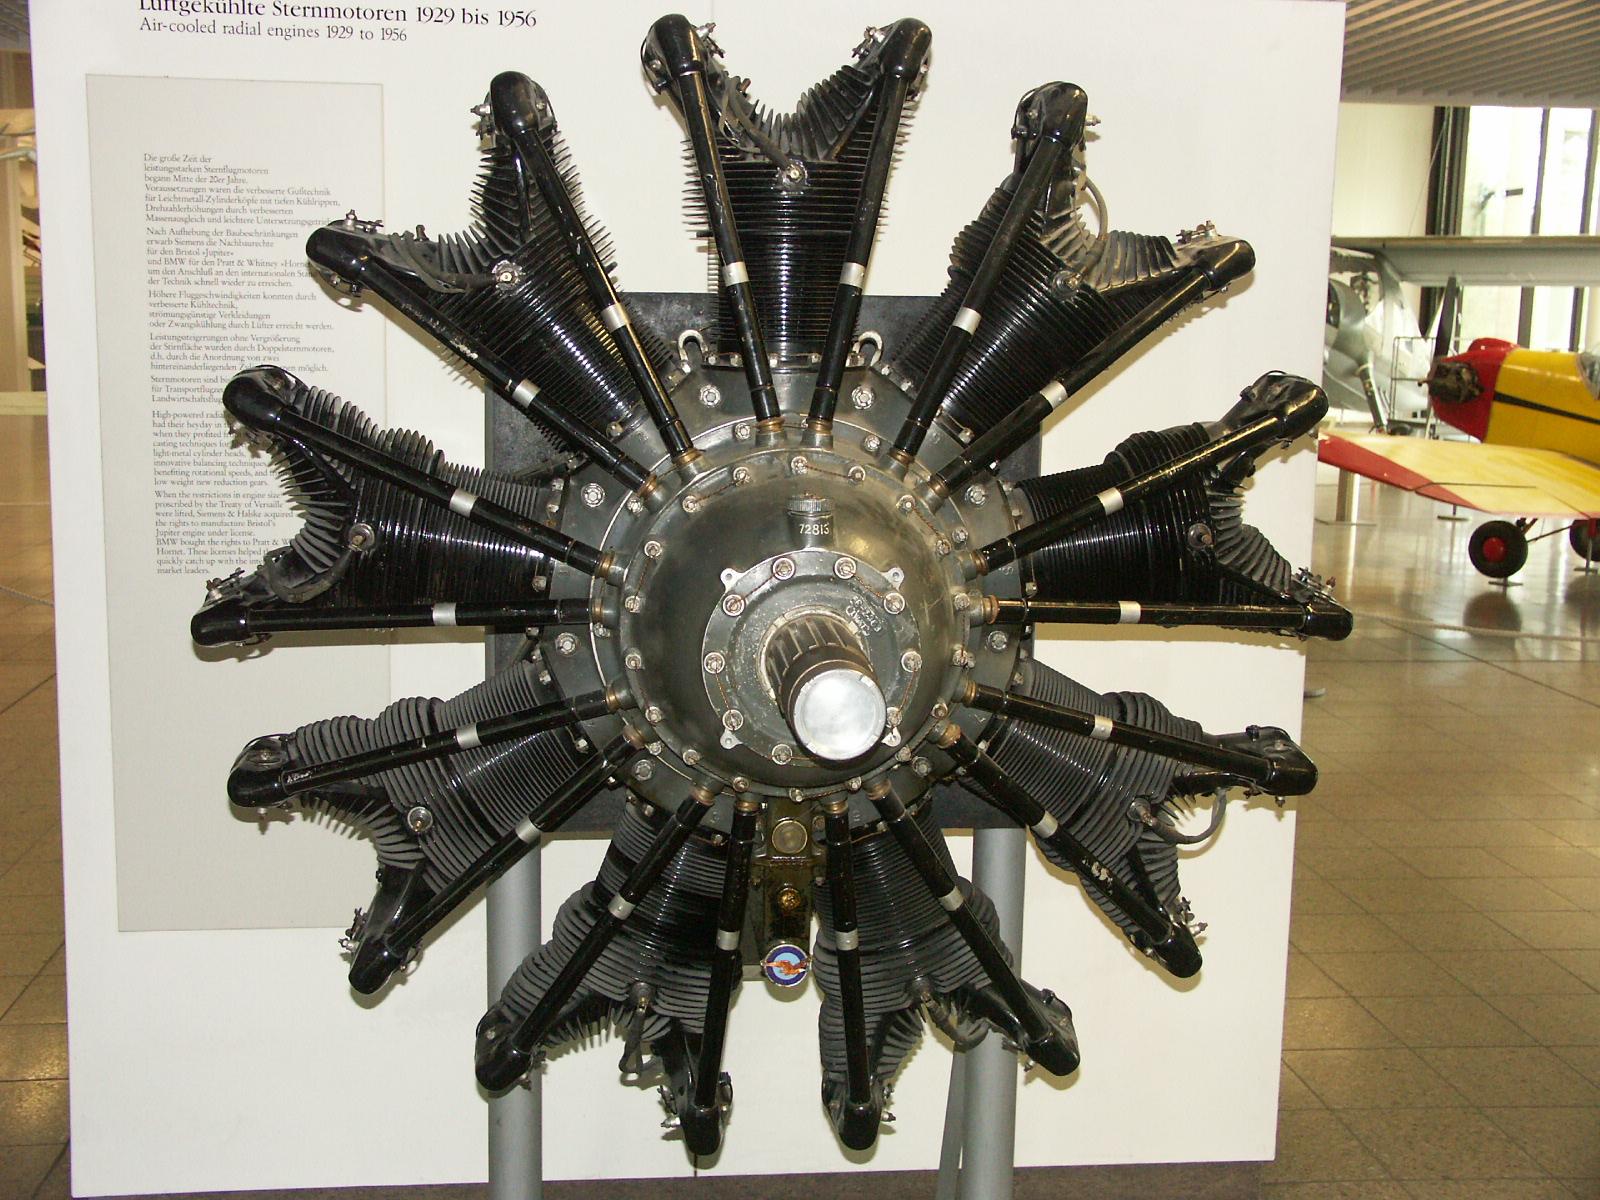 Pratt & Whitney R-1690 Hornet - Wikipedia